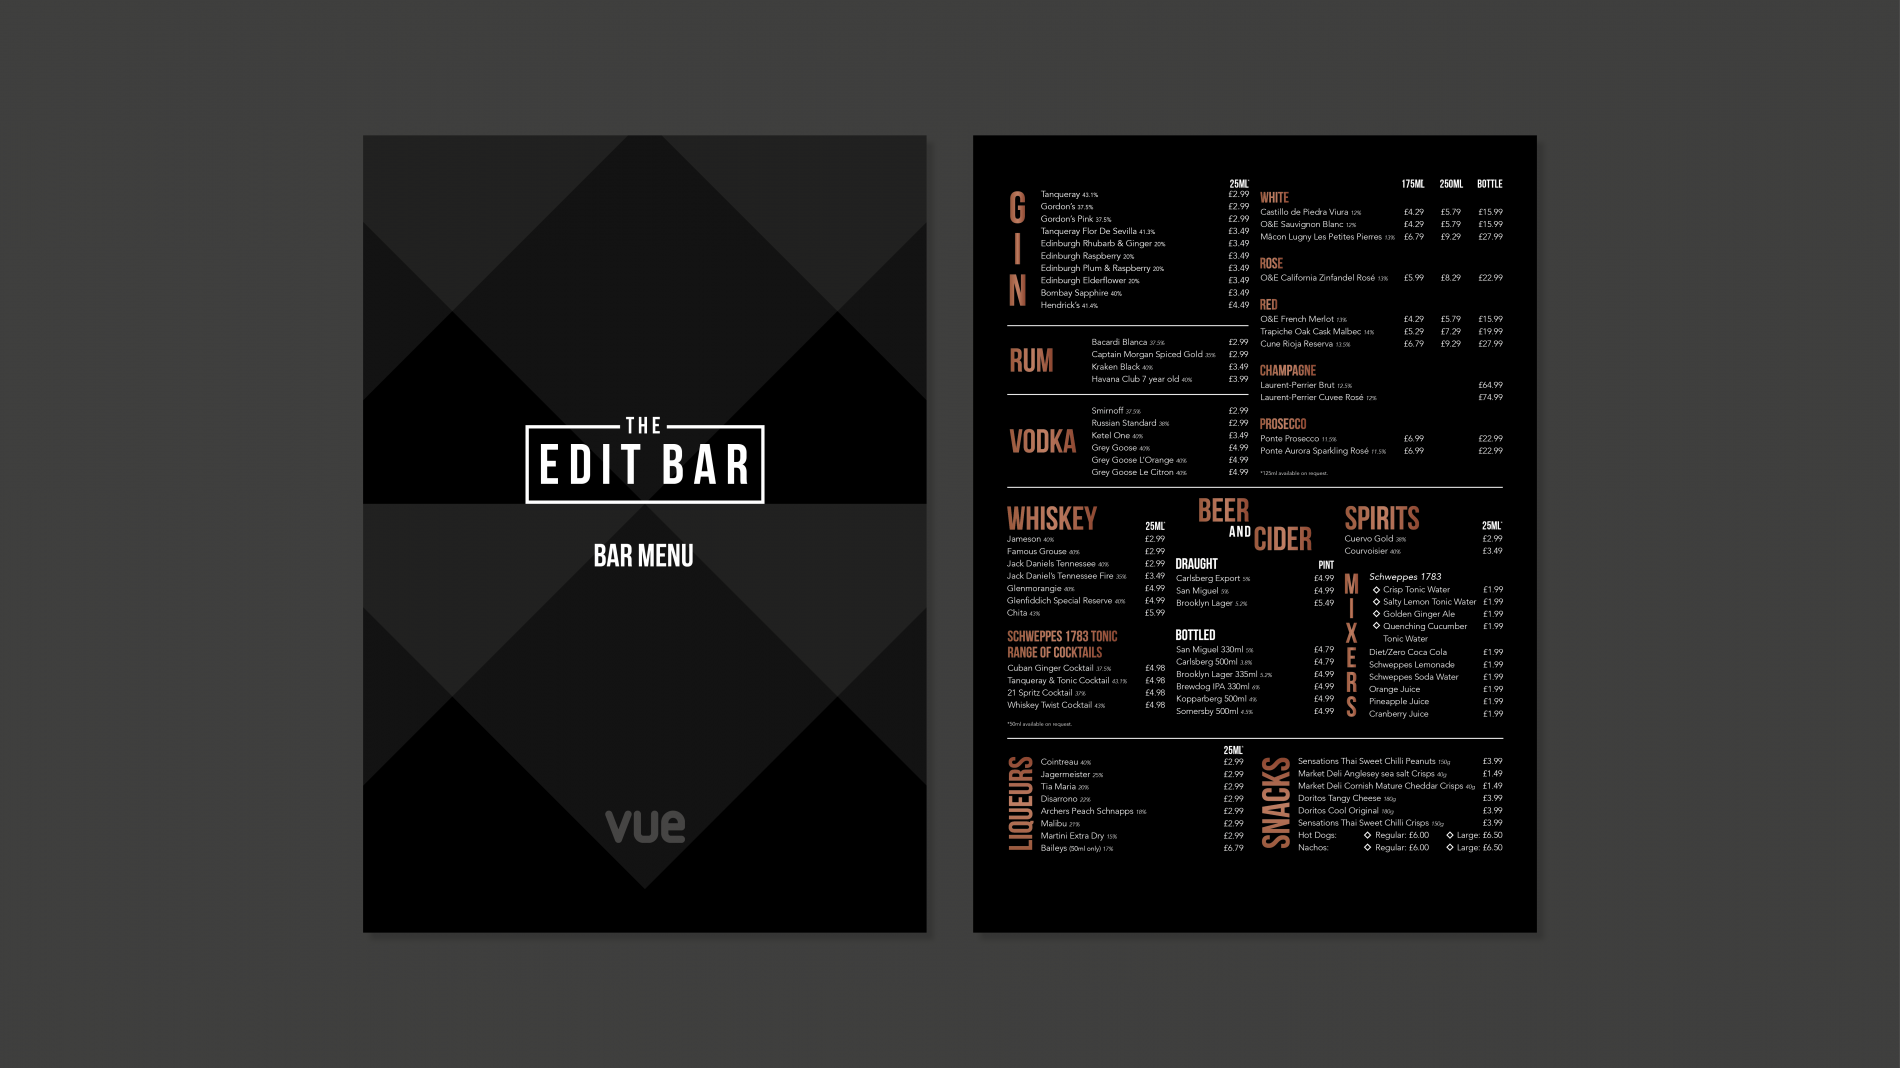 The Edit Bar main menu